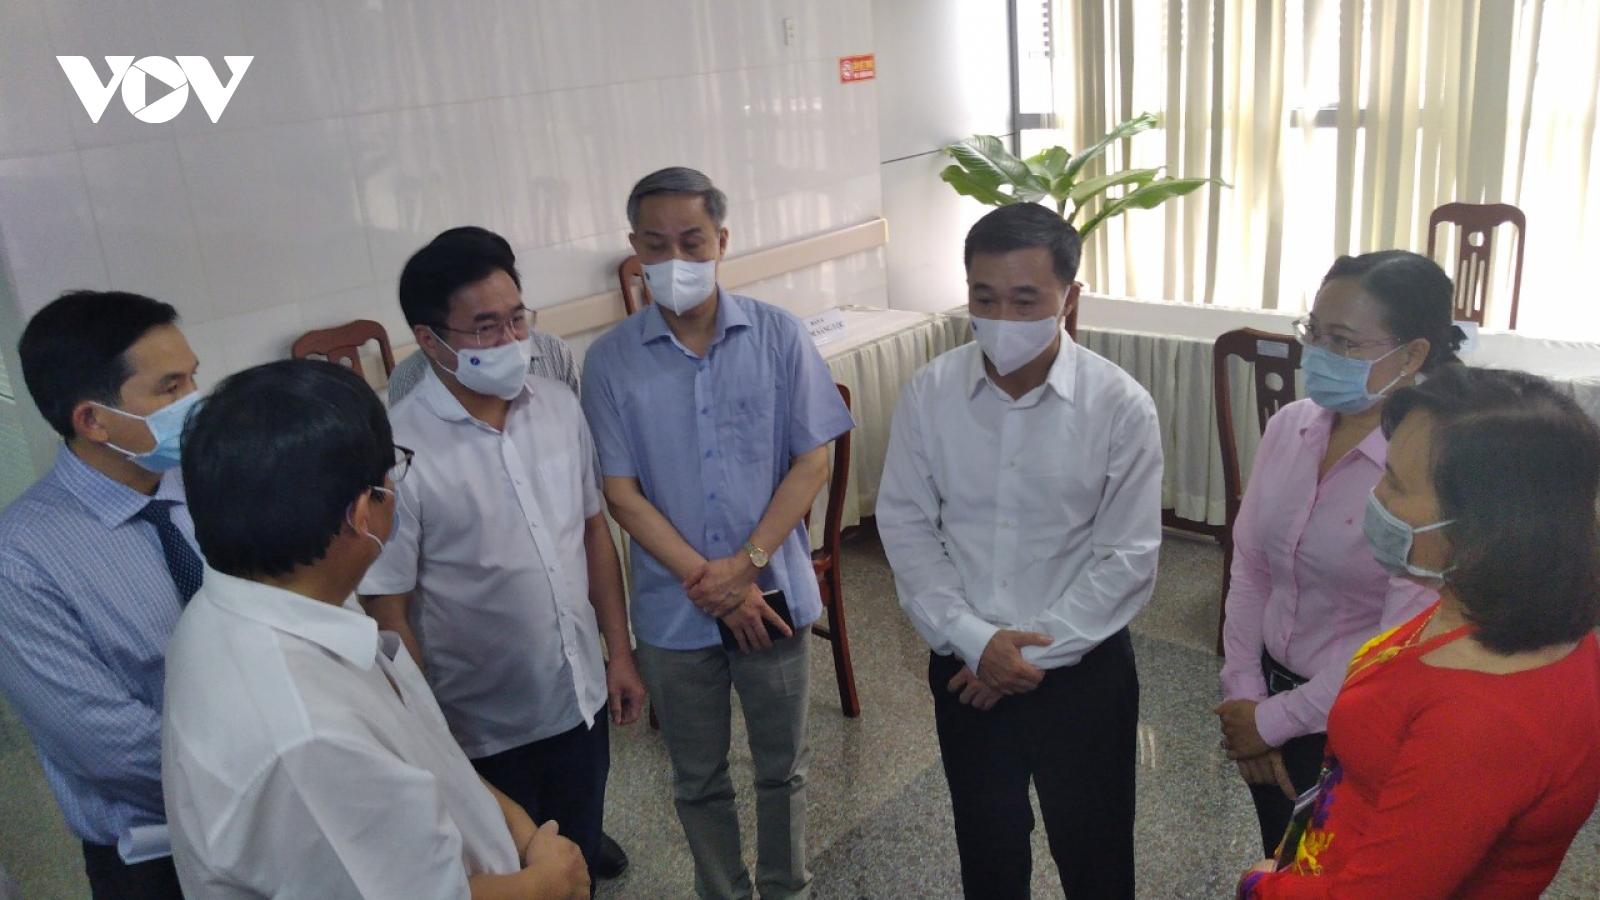 Đoàn công tác Bộ Y tế làm việc với tỉnh Sóc Trăng, Đồng Tháp về phòng chống dịch Covid-19